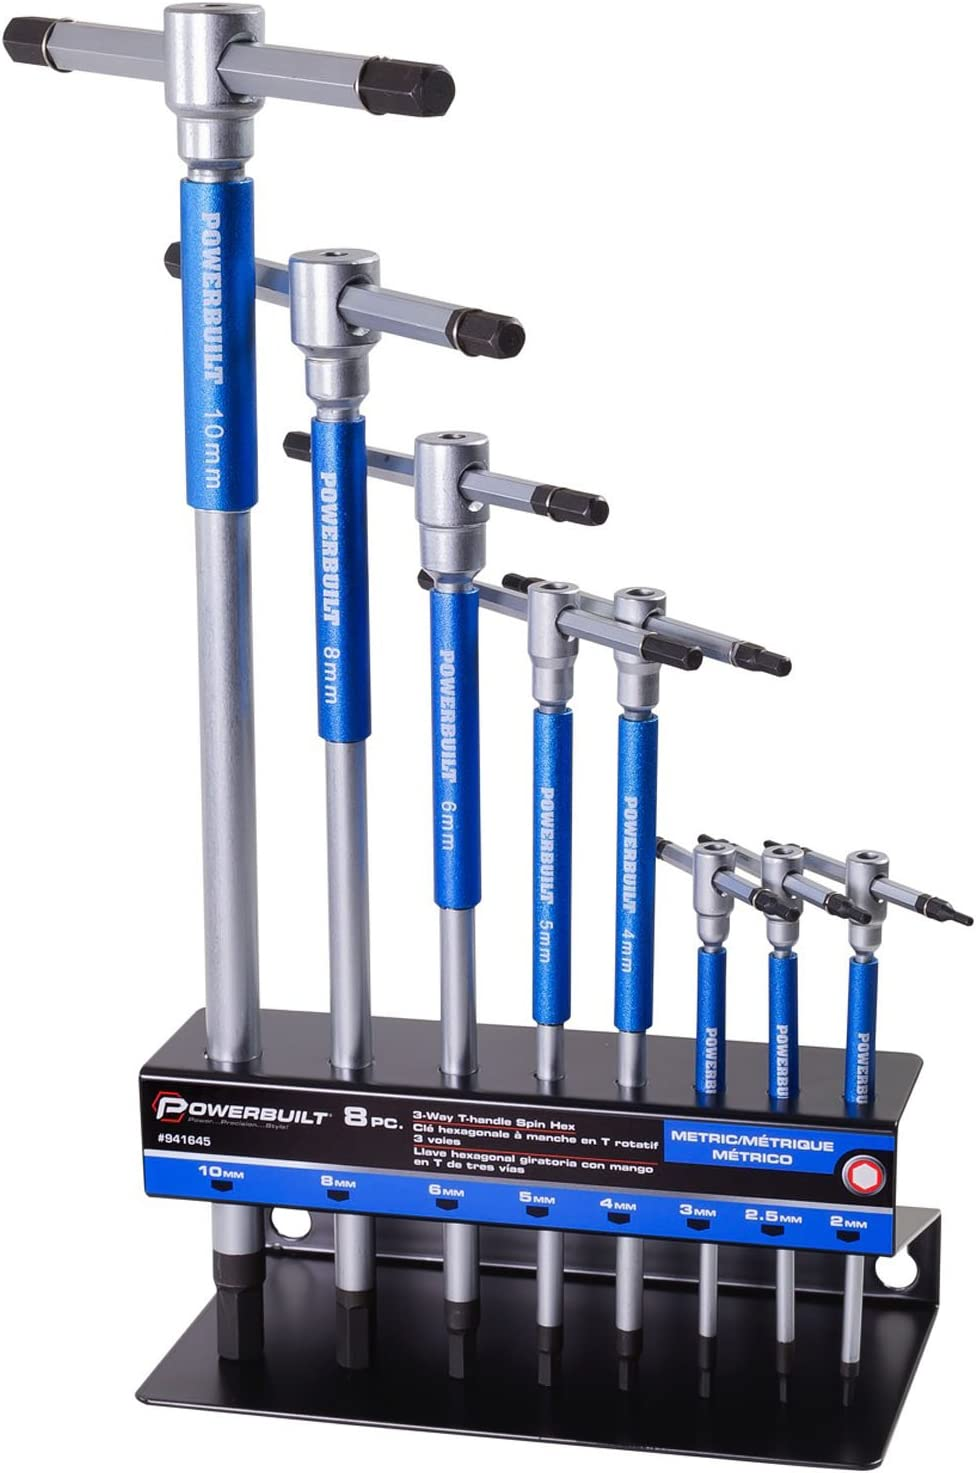 Powerbuilt Metric T-Handle Hex Allen Key Wrench Set